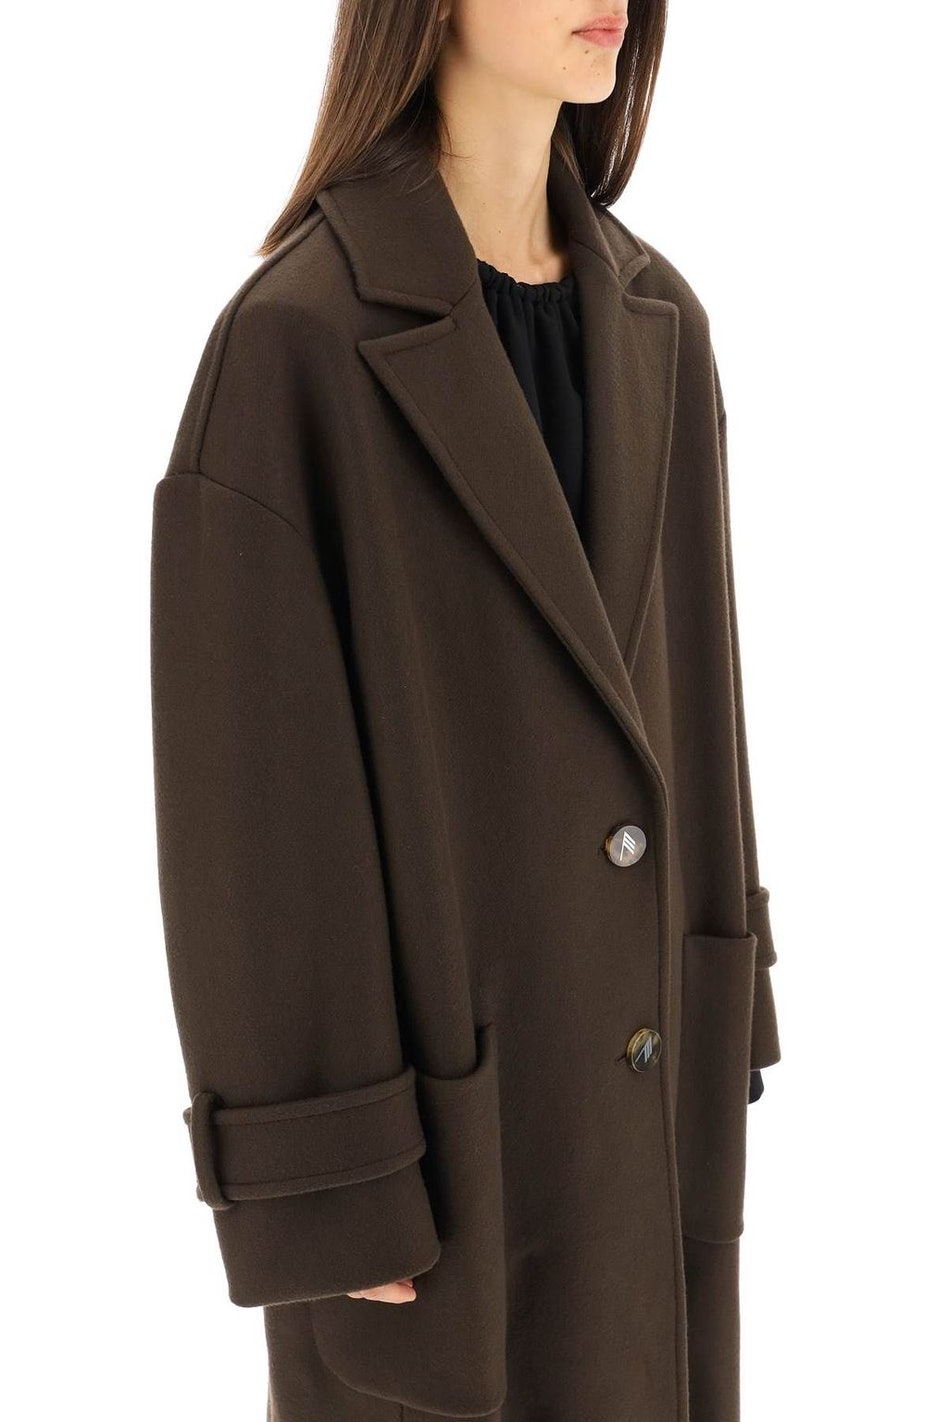 The Attico Oversized Long Coat: additional image